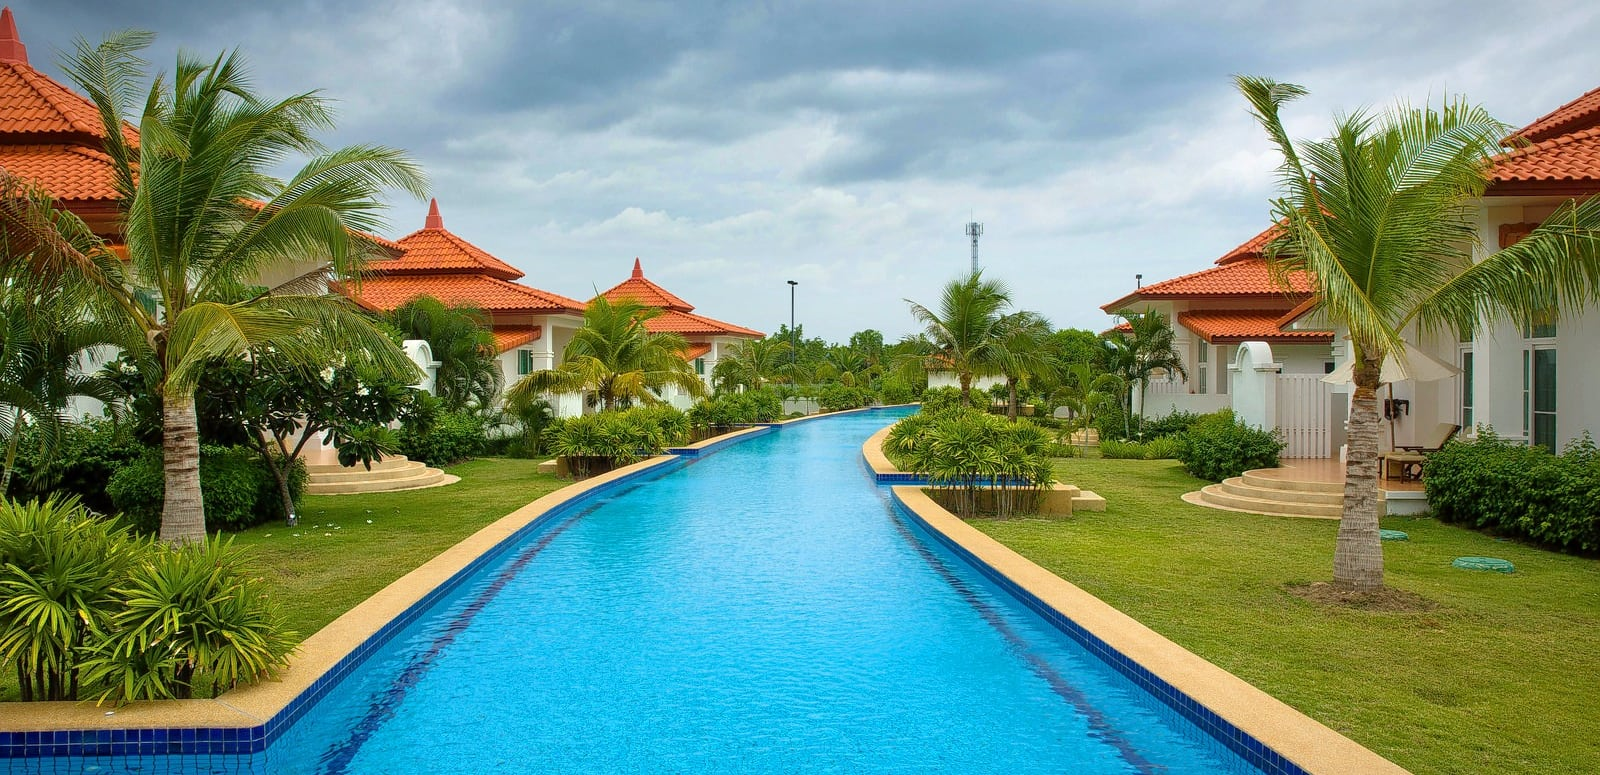 20 Por Luxury Resorts Near Mumbai